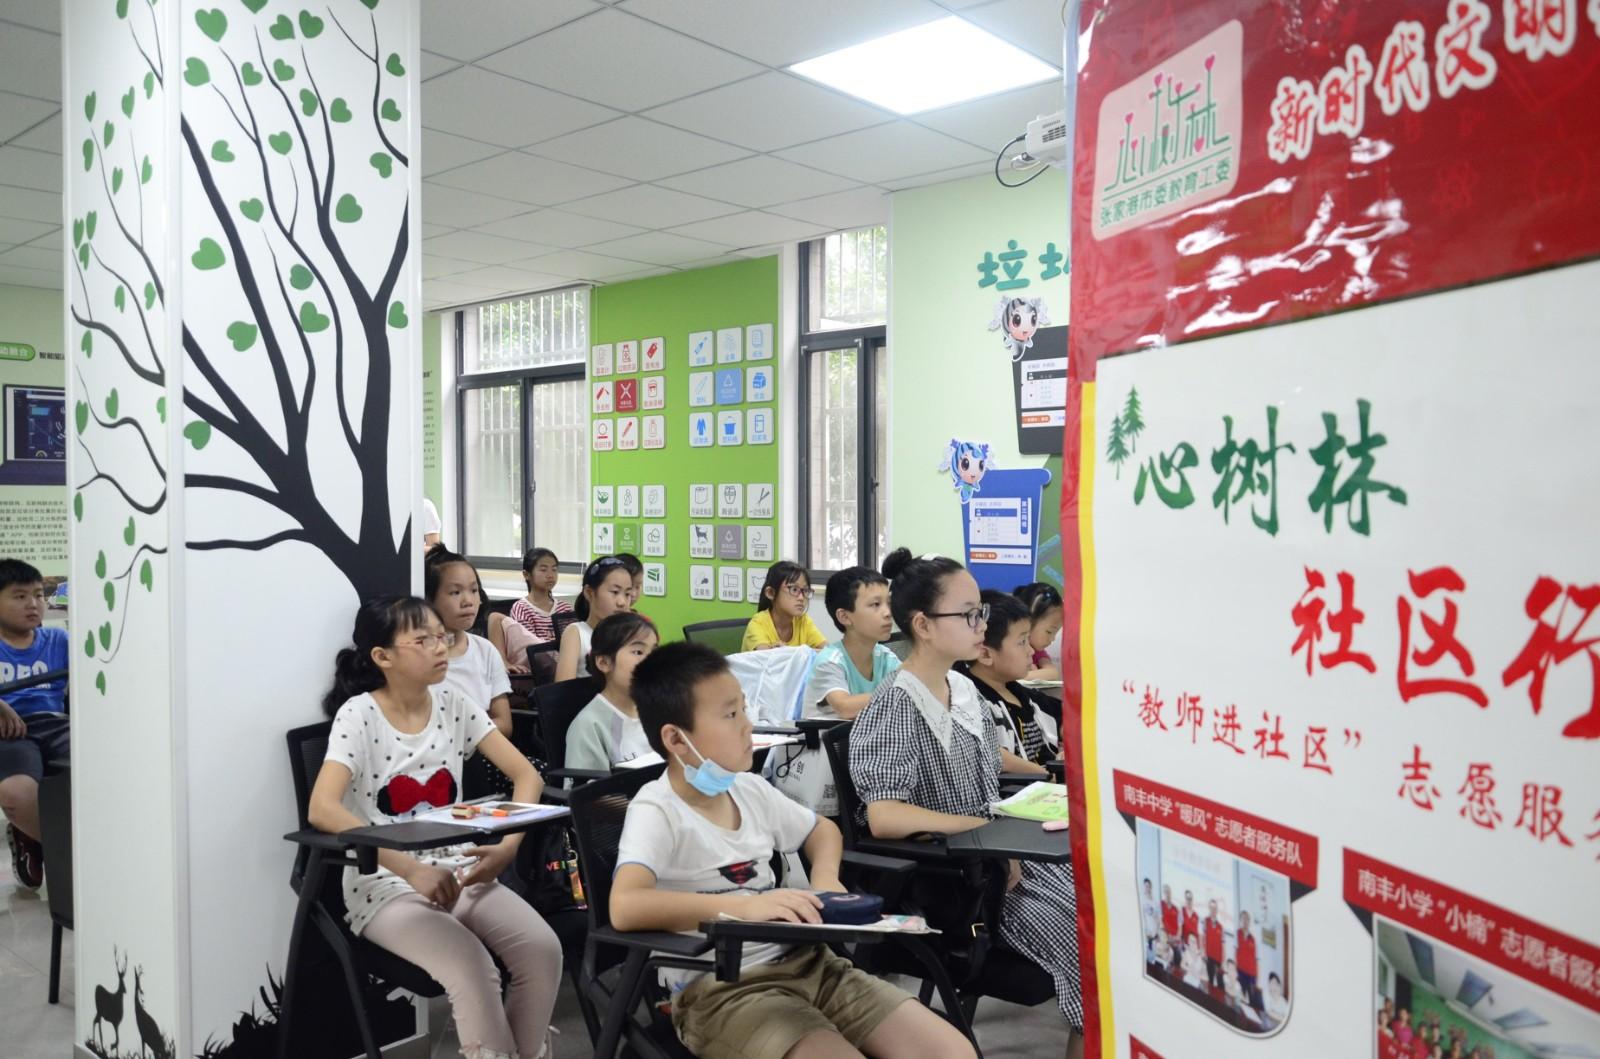 http://www.goschool.org.cn/d/file/11557481.jpg